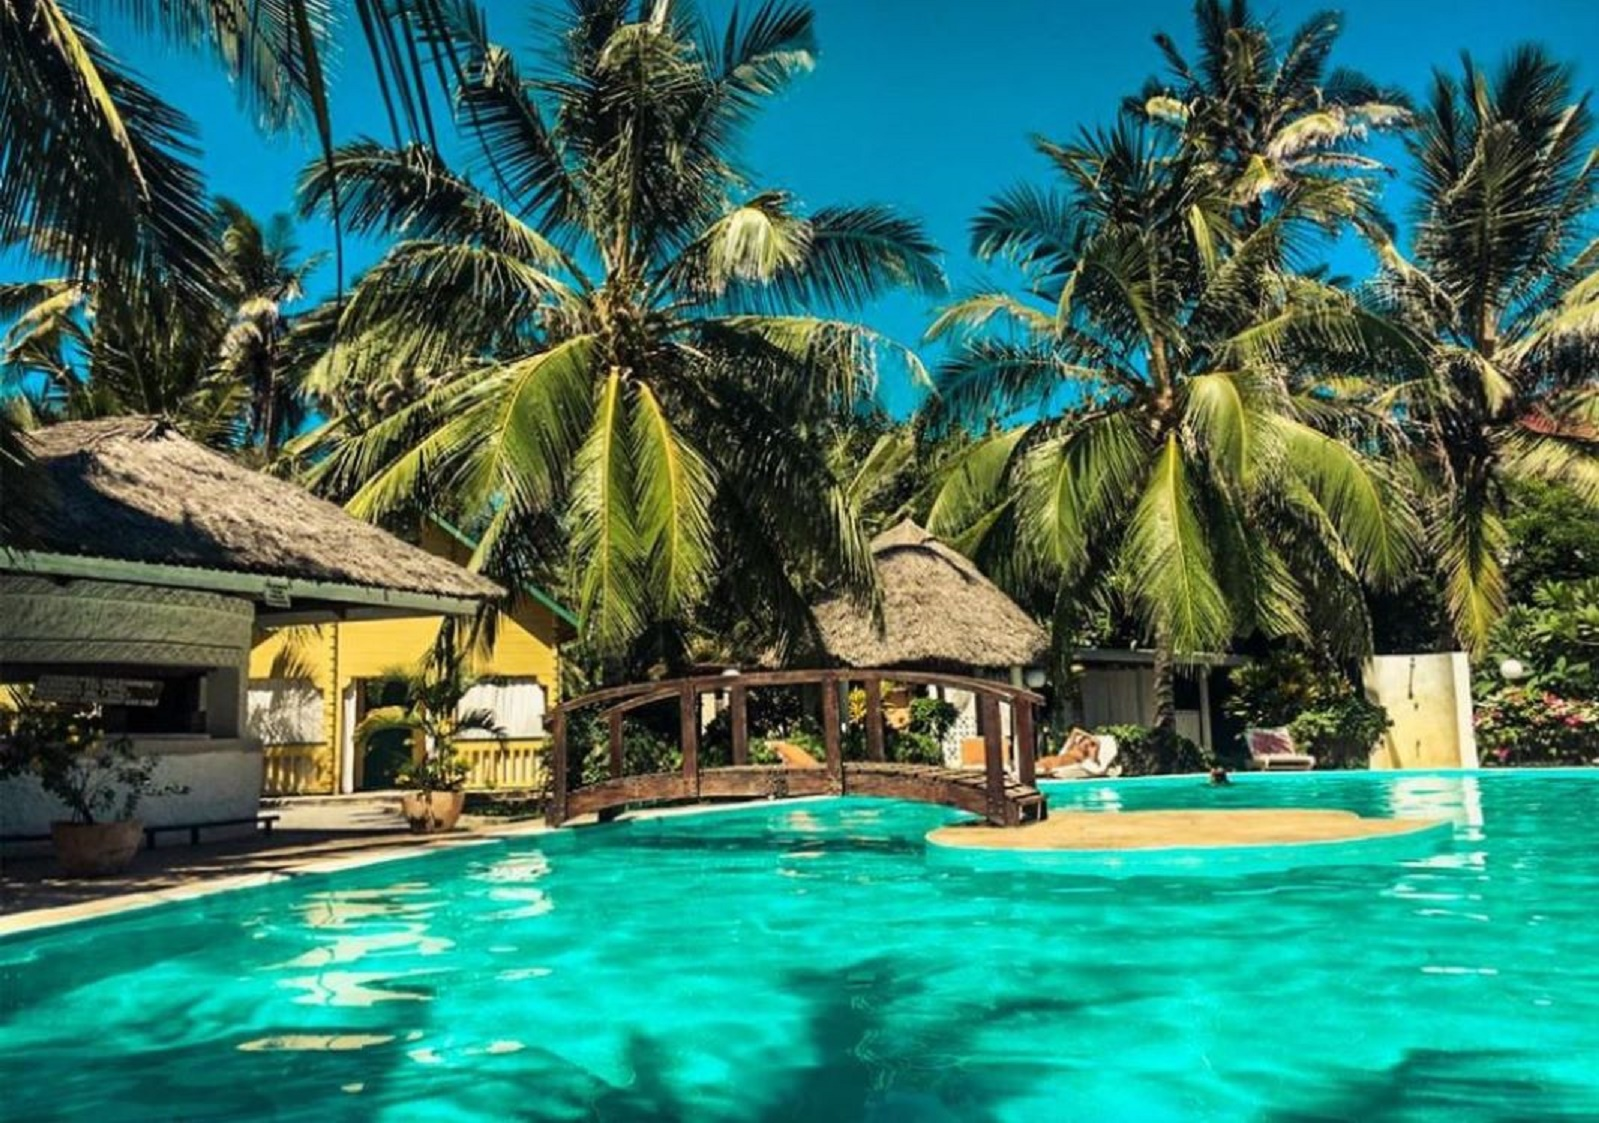 Ascot Residence 2 Minuten zu Fus zum Strand Ferienwohnung in Kenia